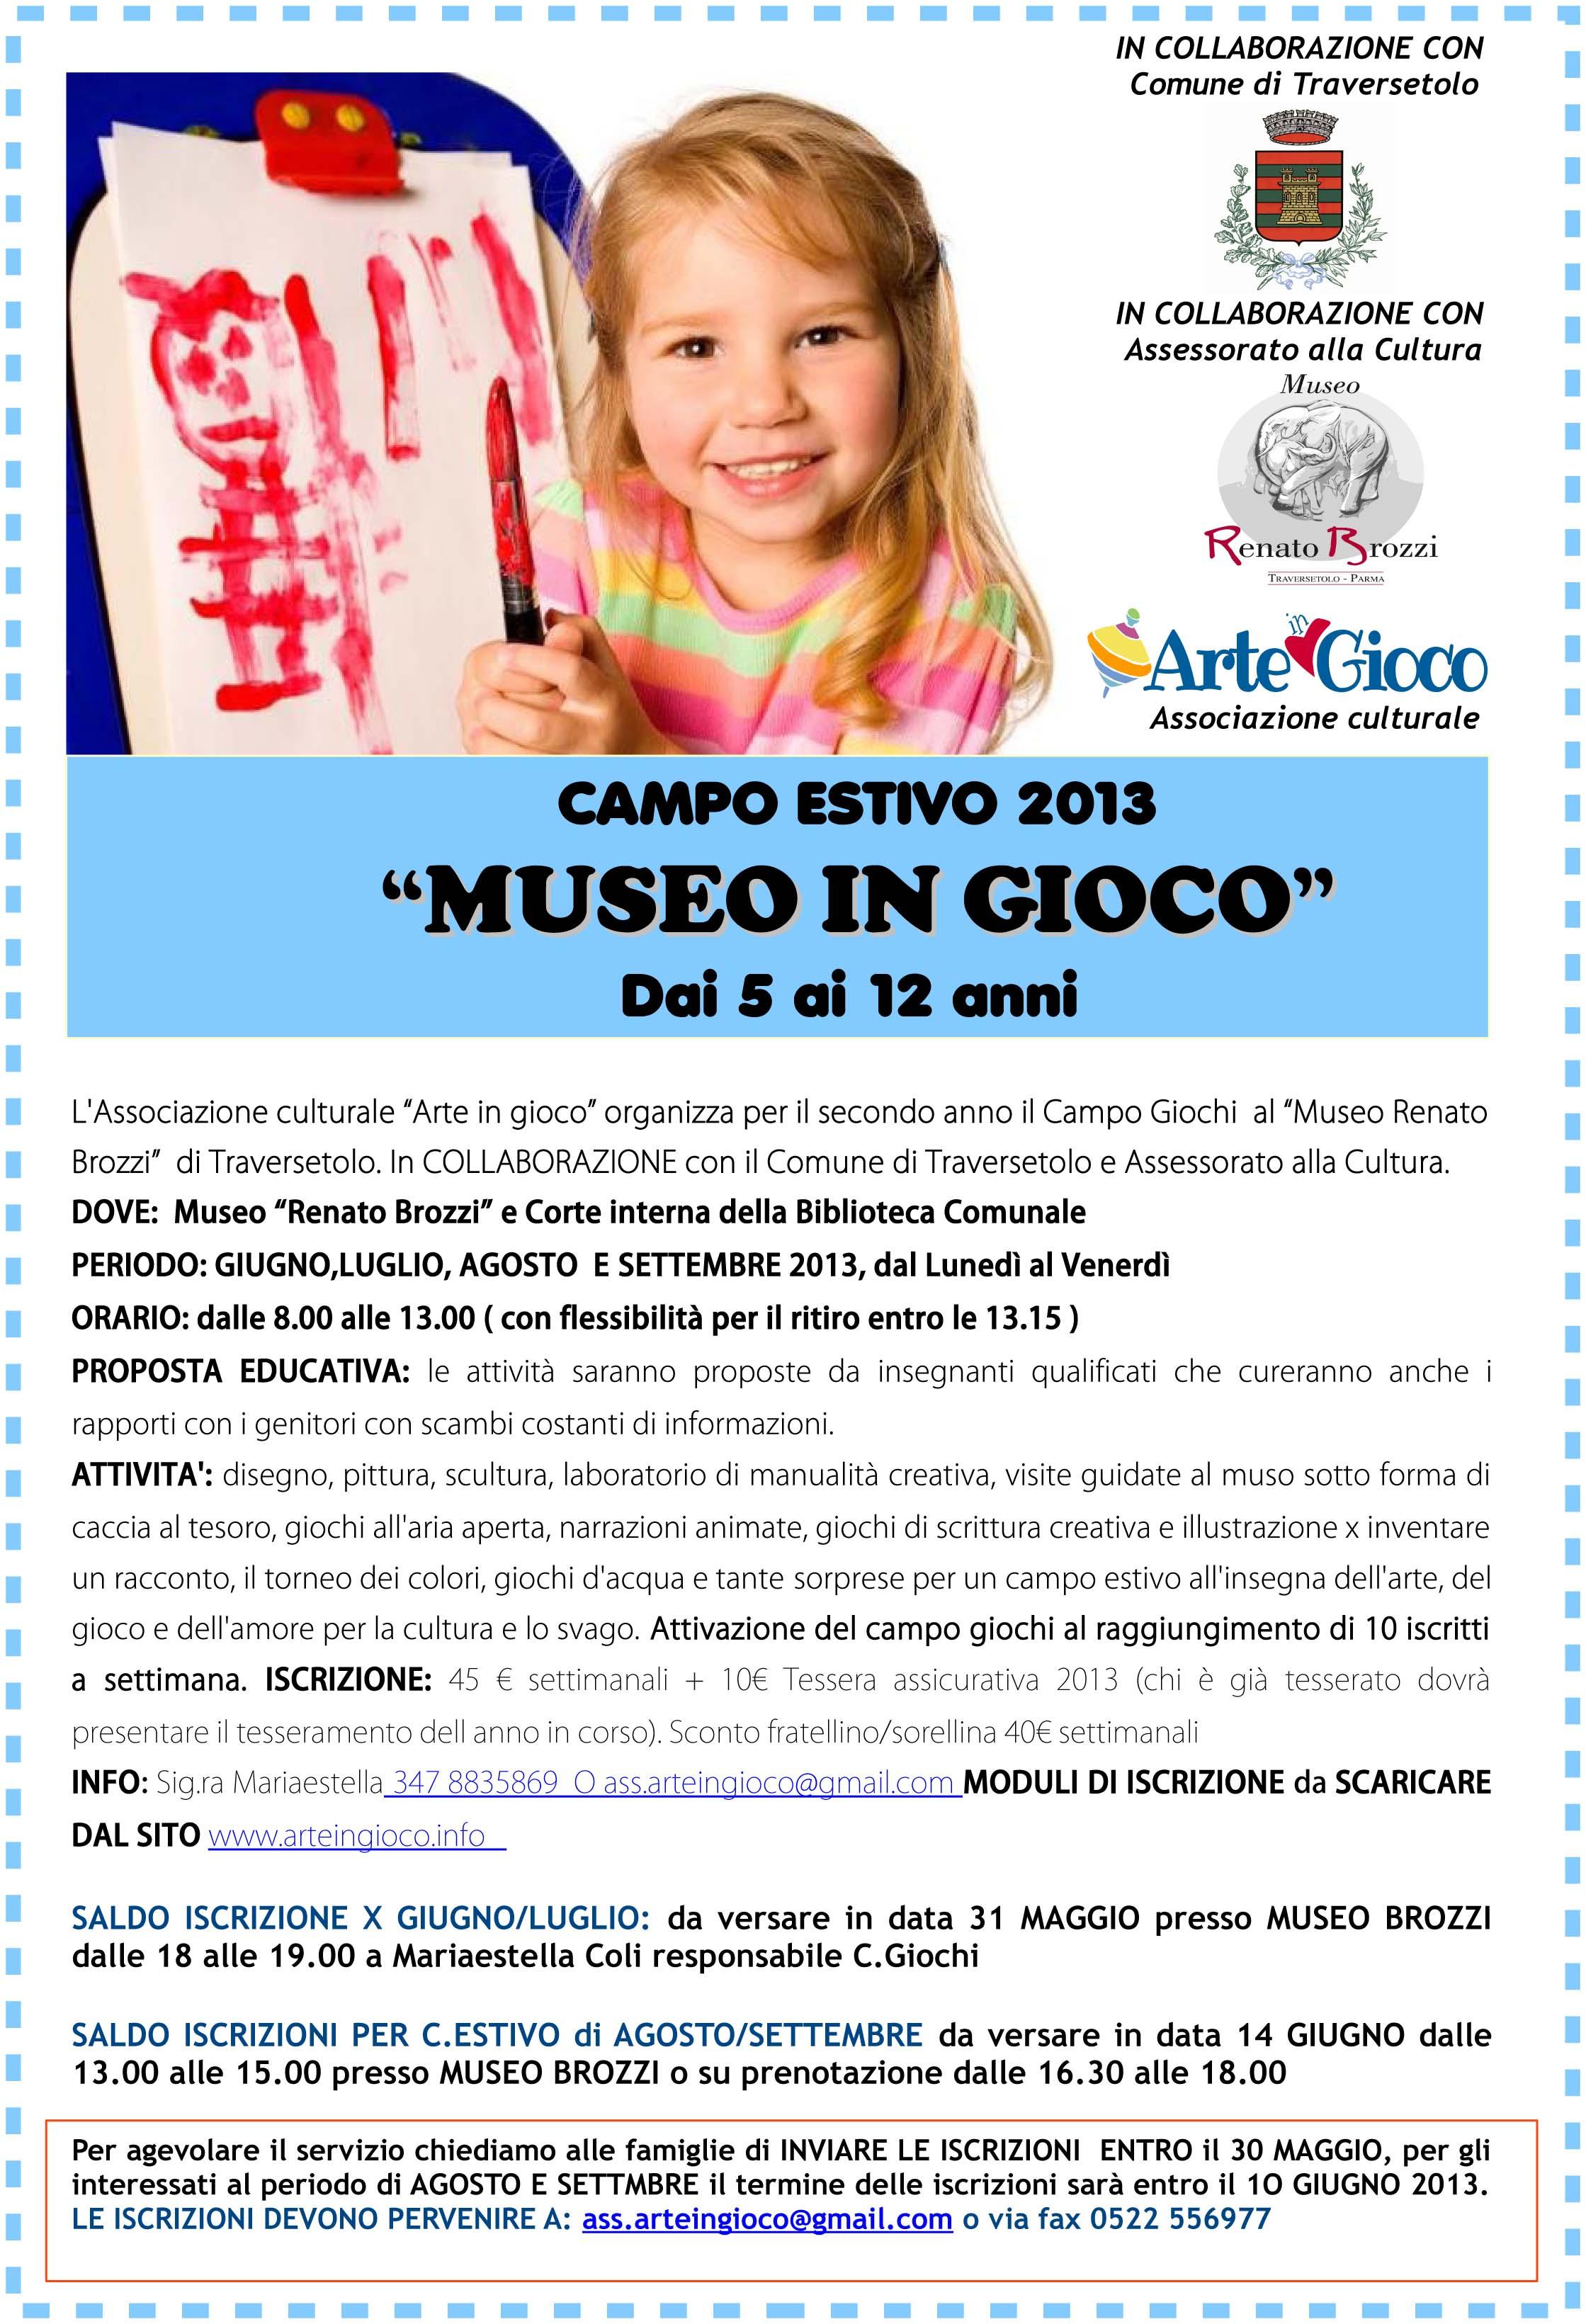 Volantino_MUSEO IN GIOCO_RENATO BROZZI 2013-1